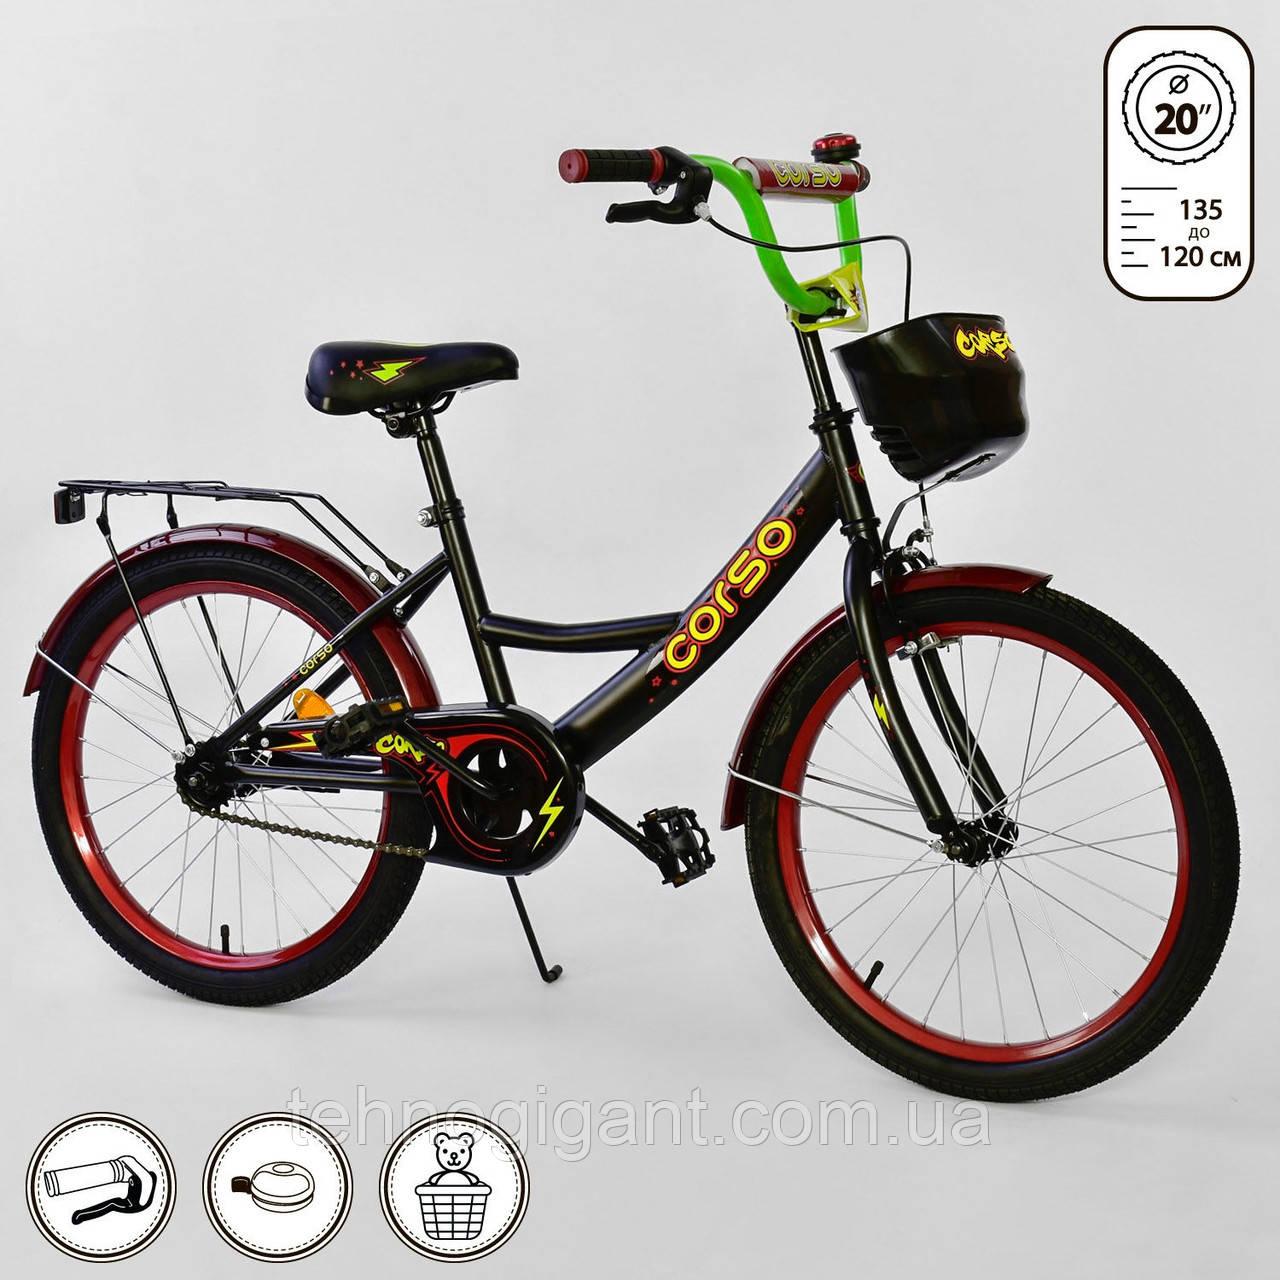 """Велосипед 20"""" дюймов 2-х колёсный """"CORSO"""" Черный, ручной тормоз, звоночек, мягкое сидение"""